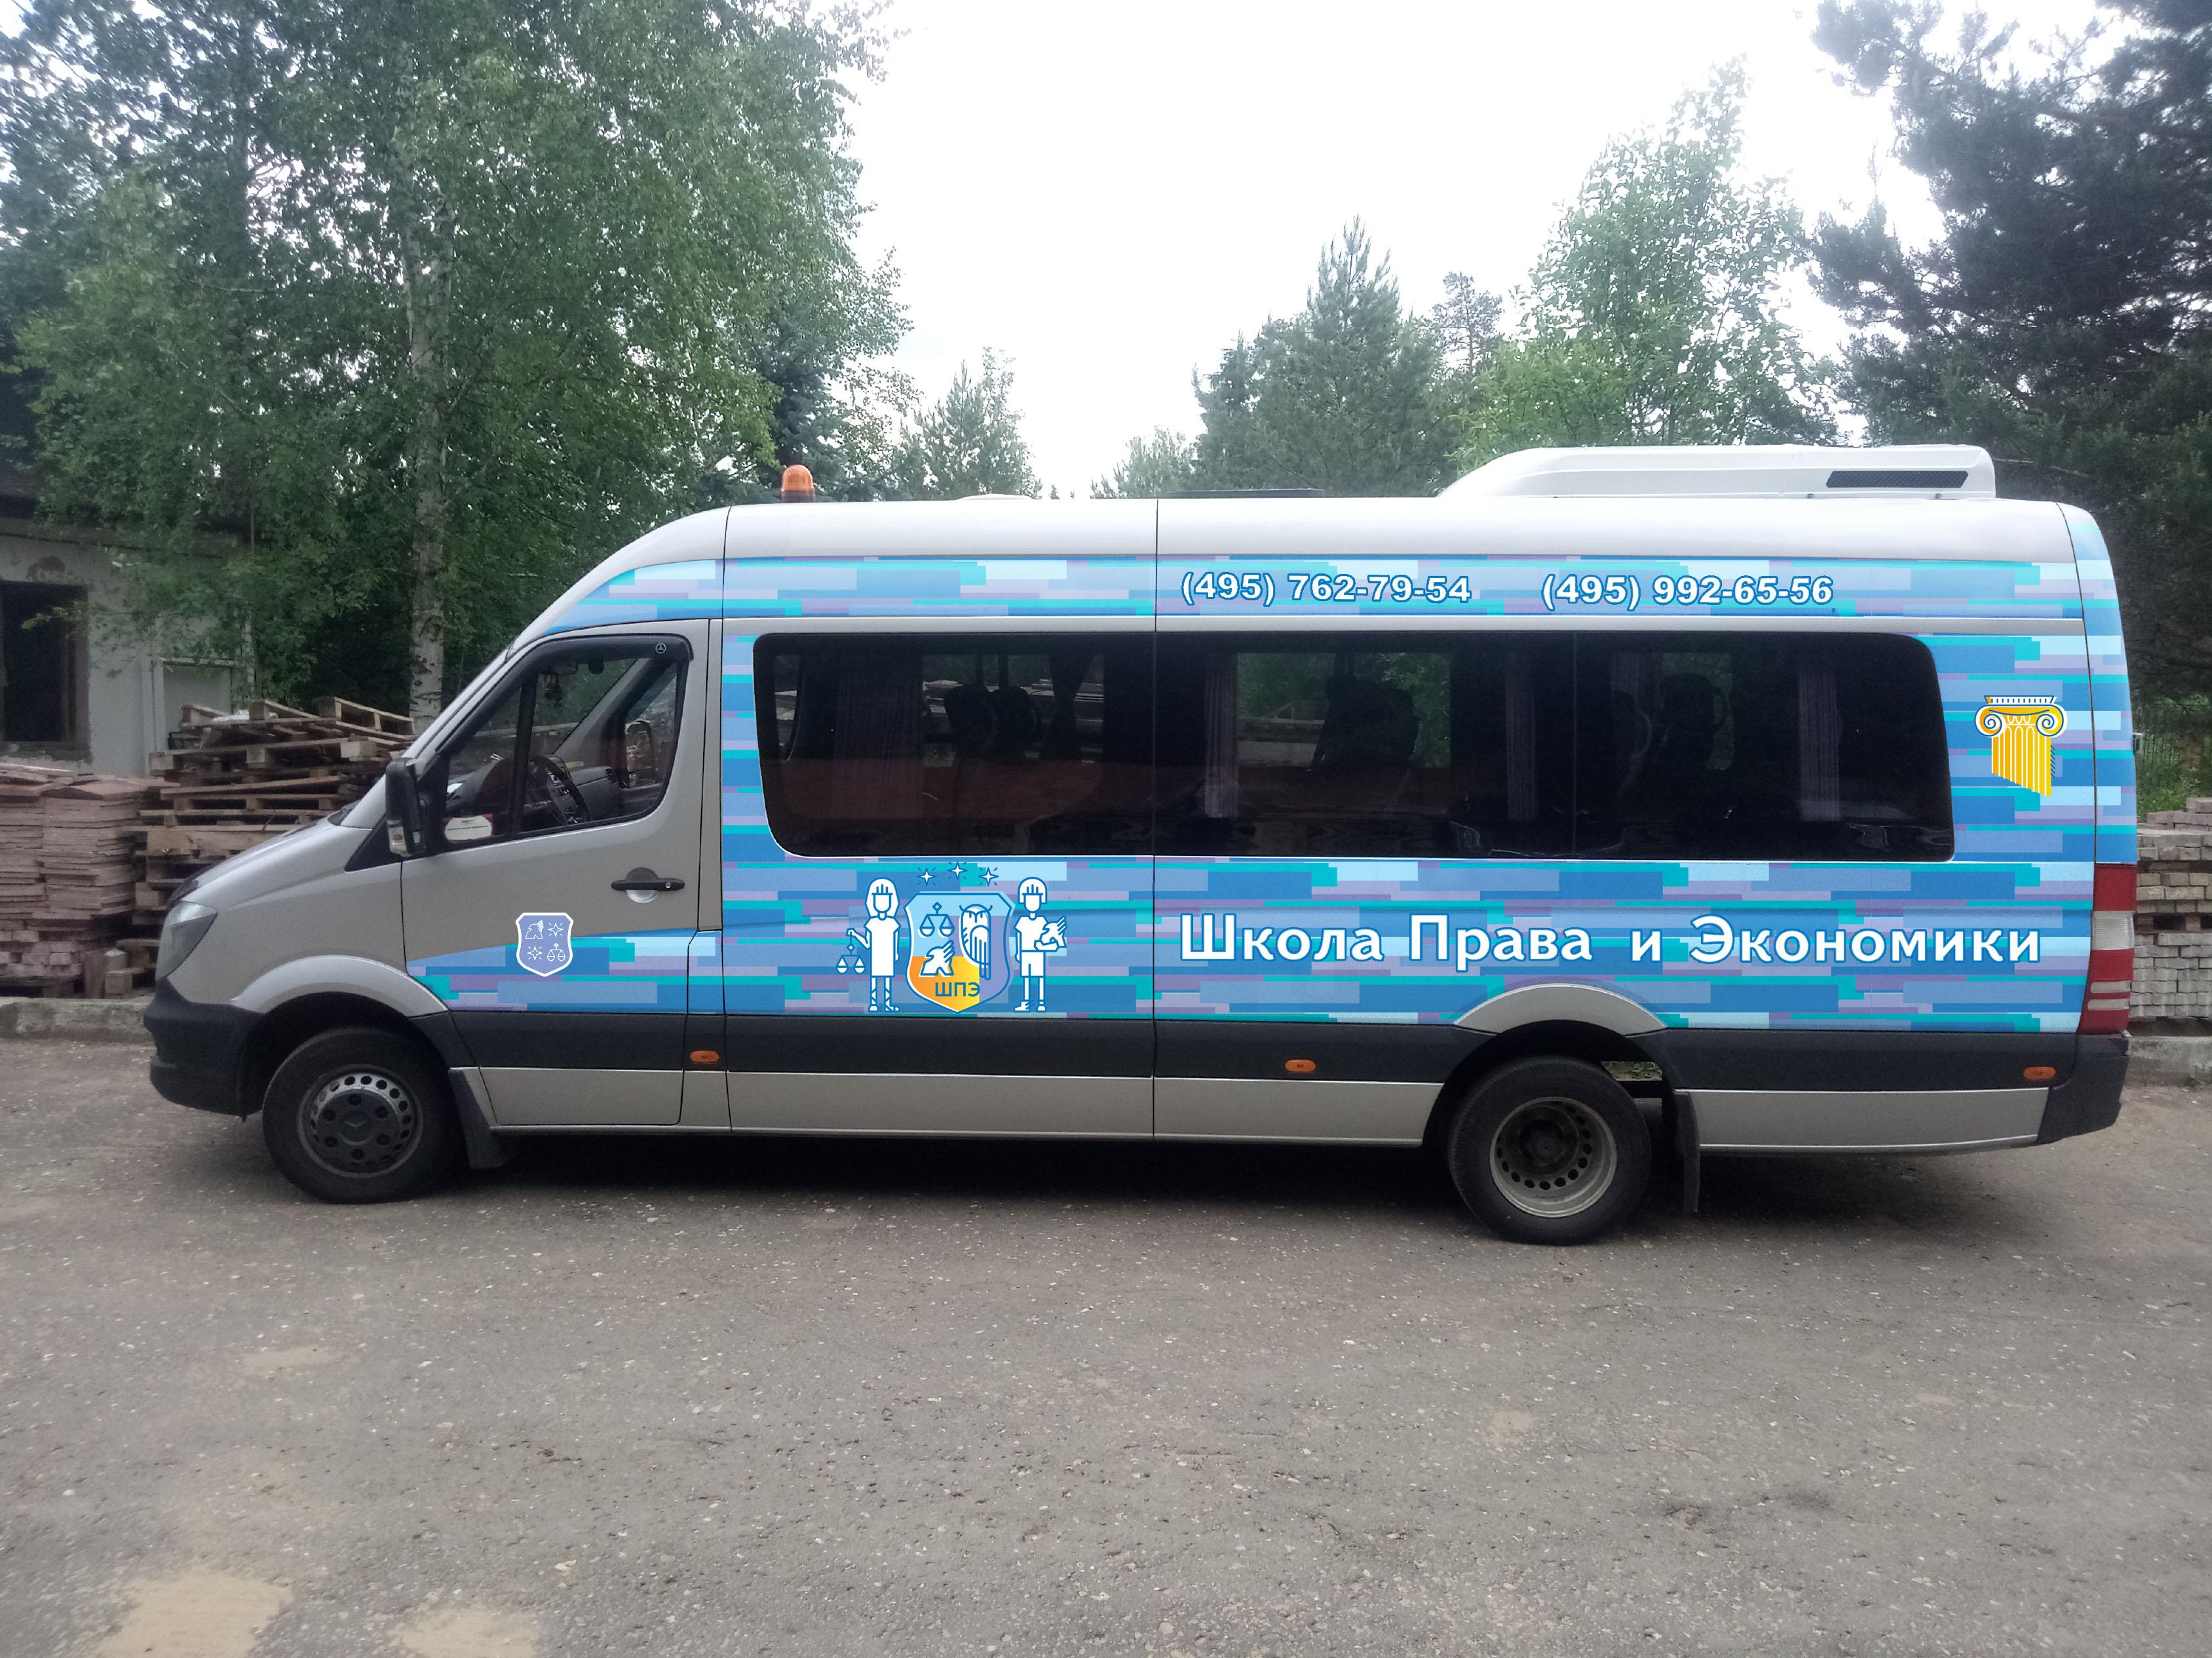 Дизайн оклейки школьного автобуса фото f_7345d012991832bb.jpg